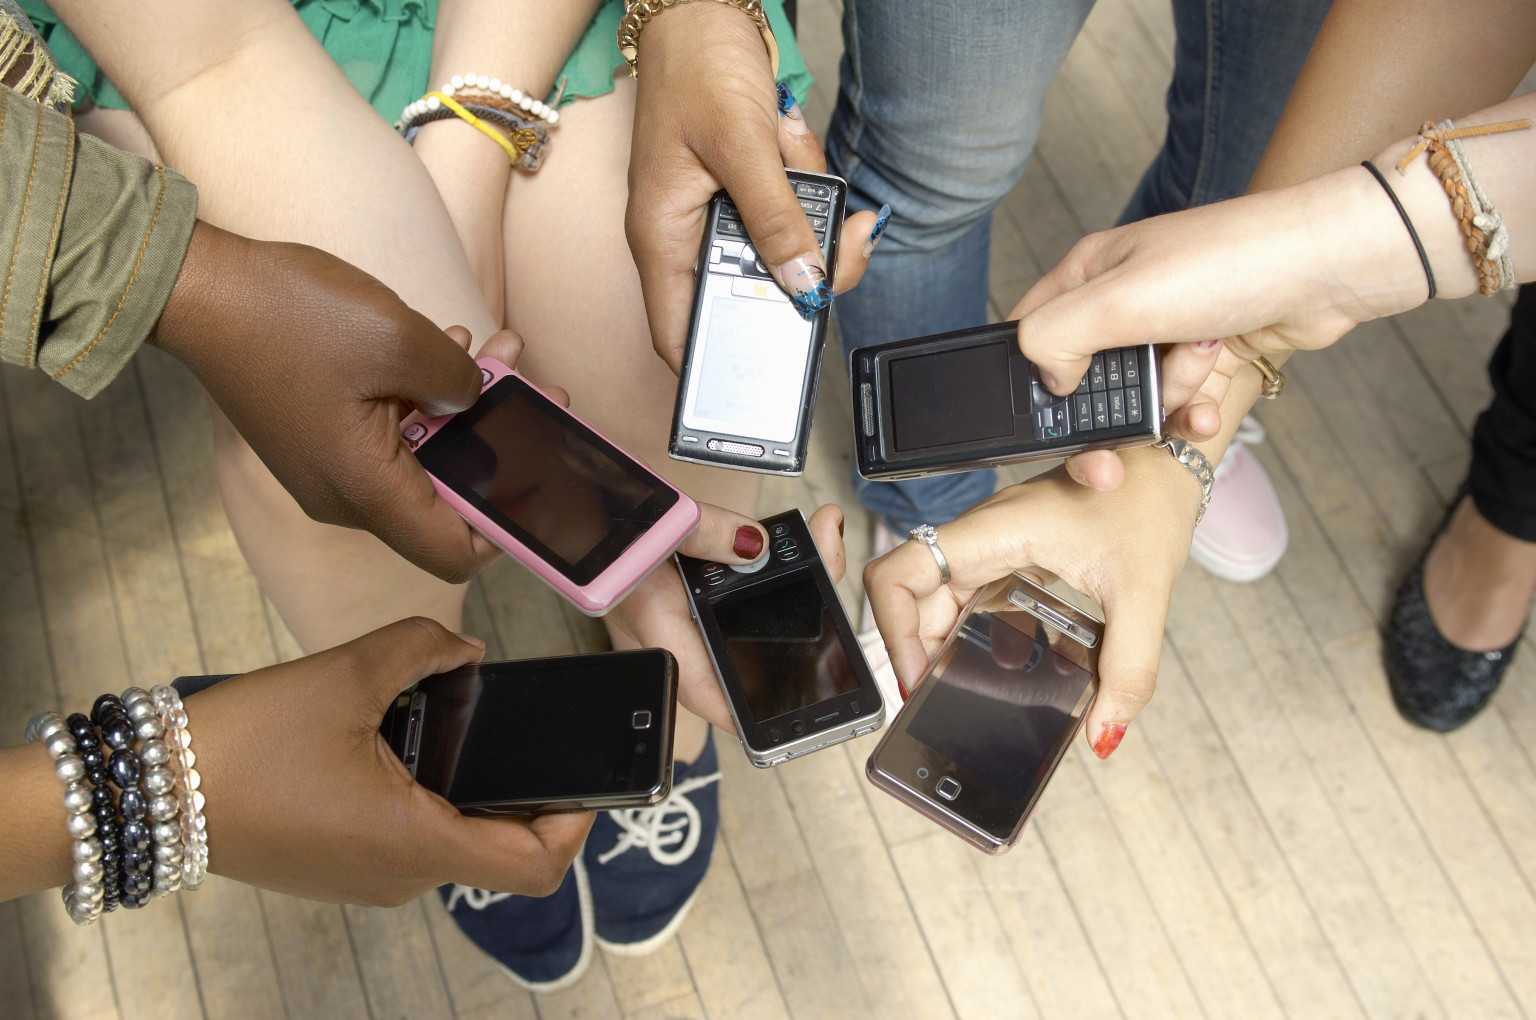 Ххх для мобильника 3 фотография